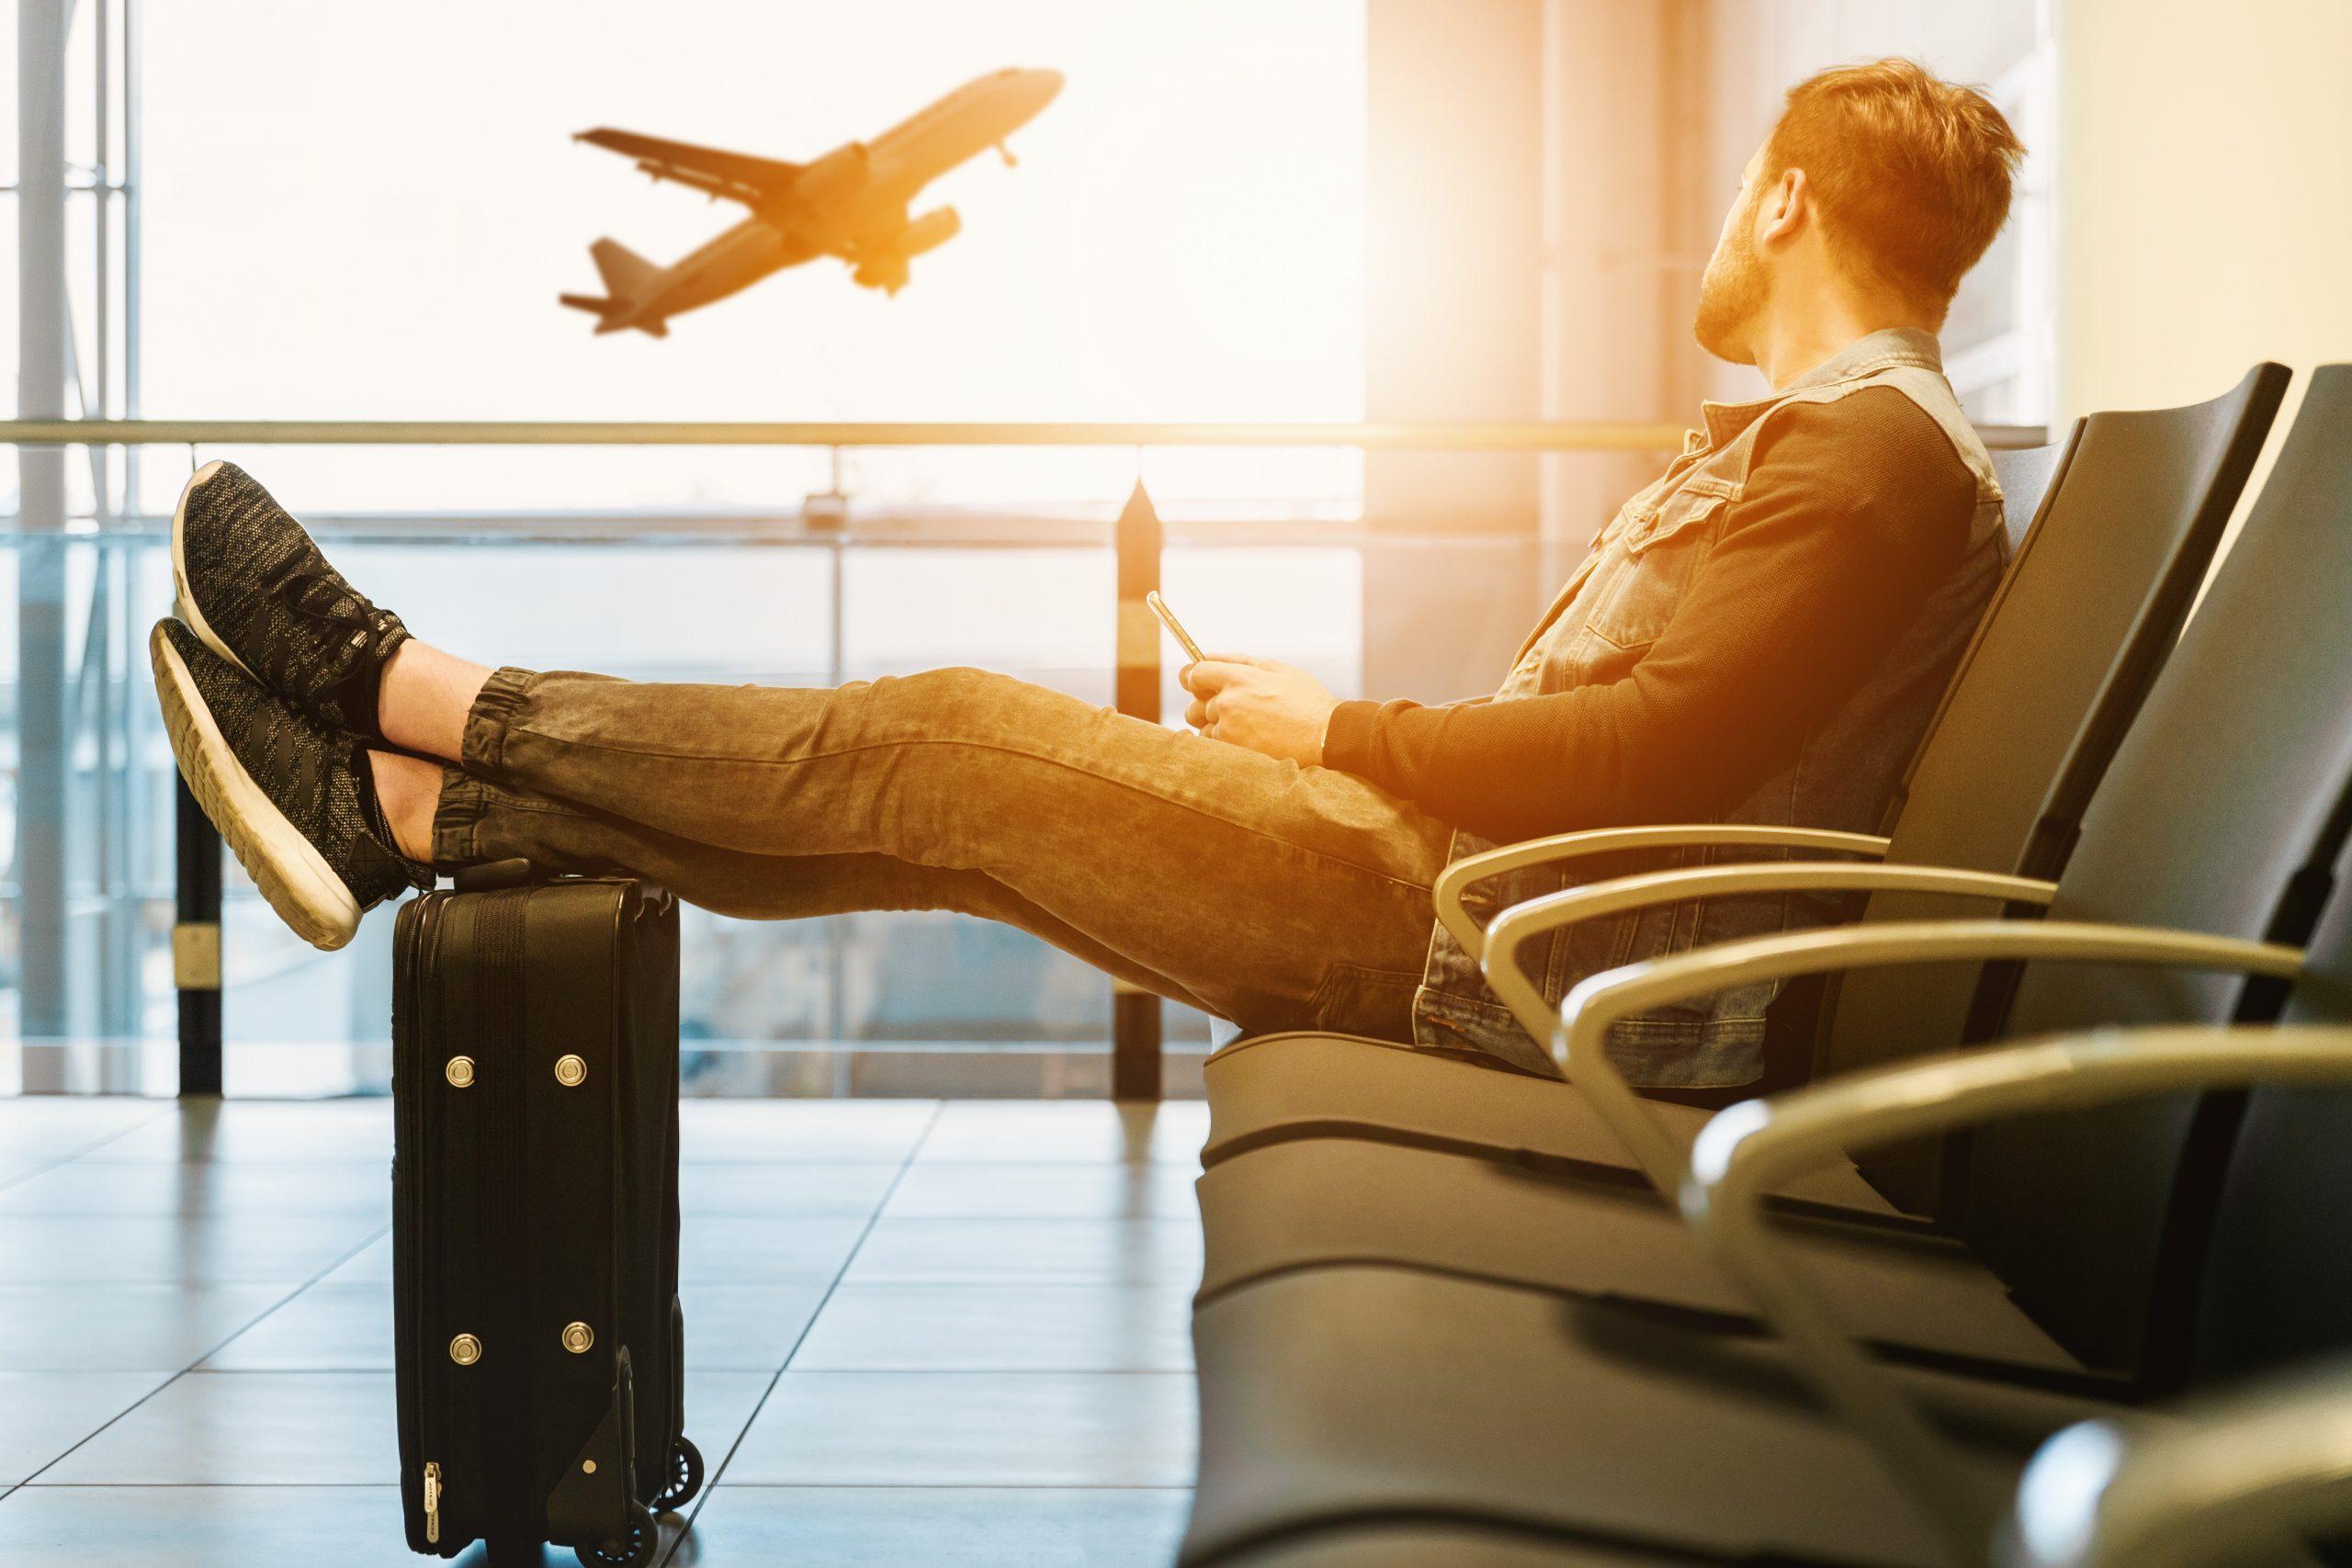 Nuova politica bagagli a mano compagnie low cost